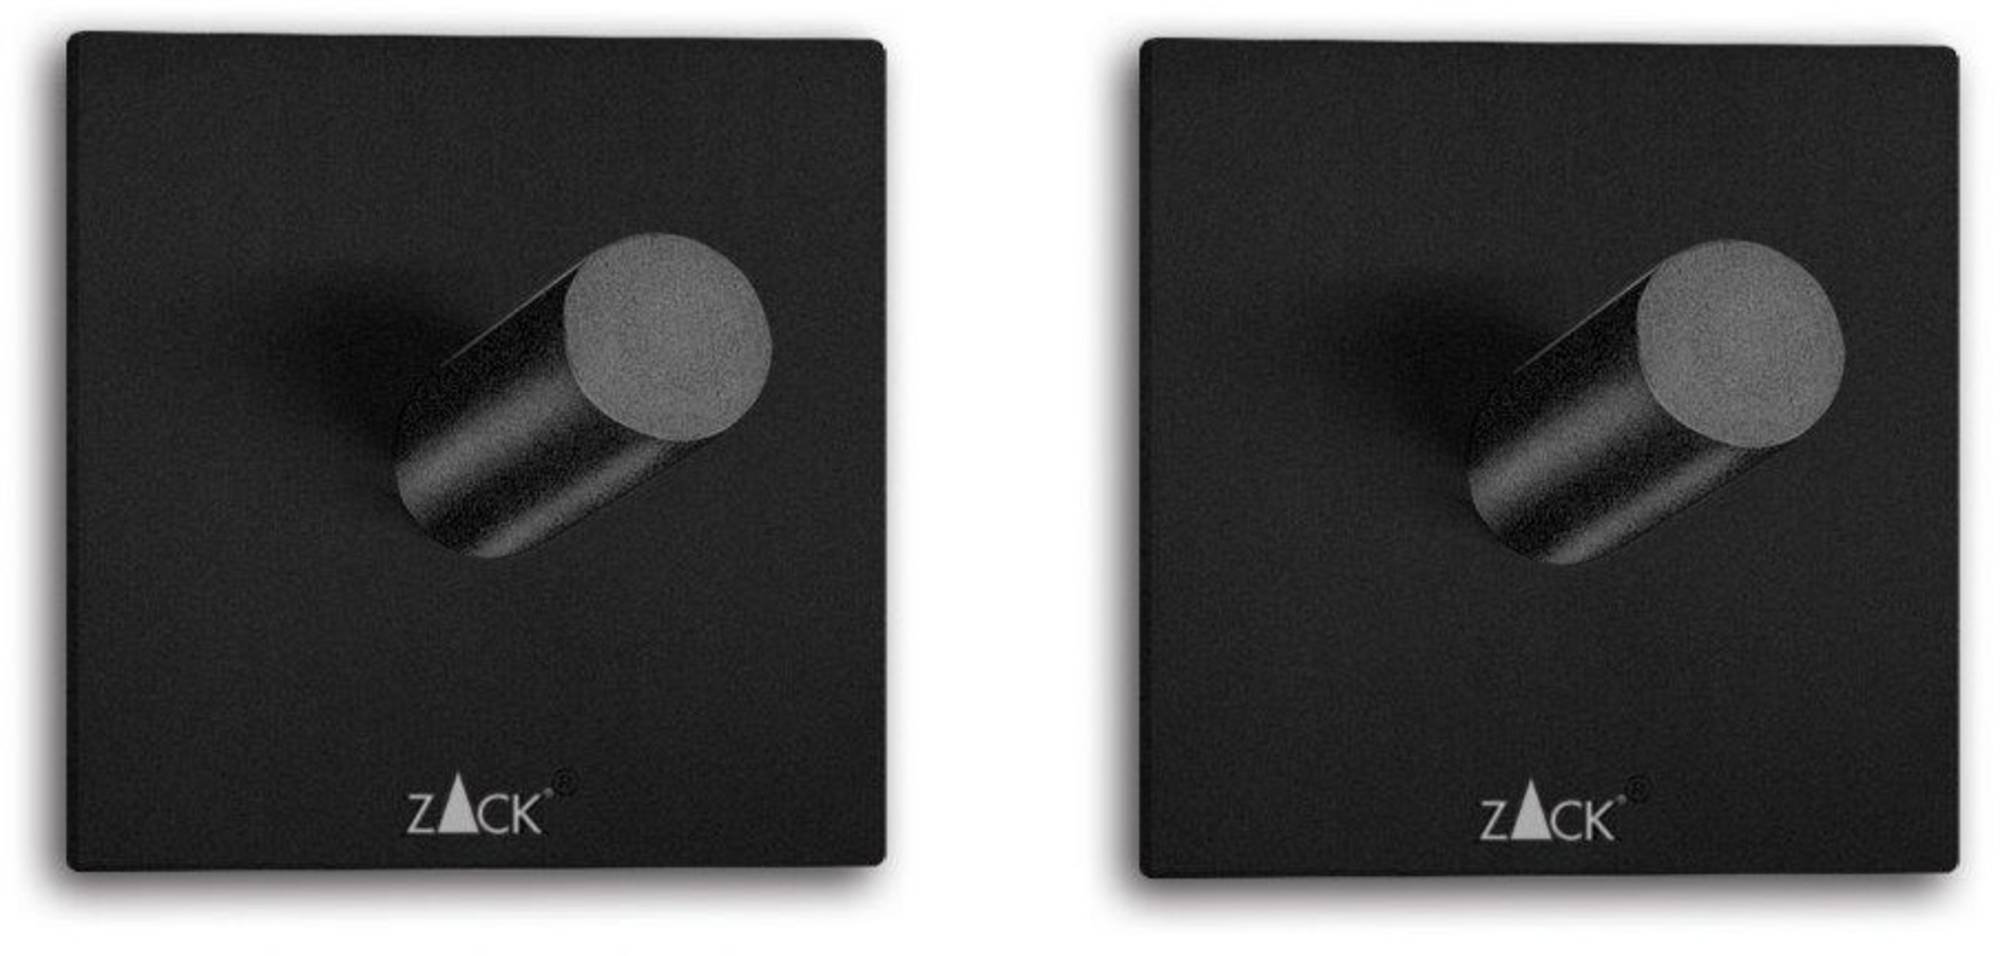 ZACK Duplo Handdoekhaken Vierkant 4,2x4,2cm set van 2 stuks Zwart